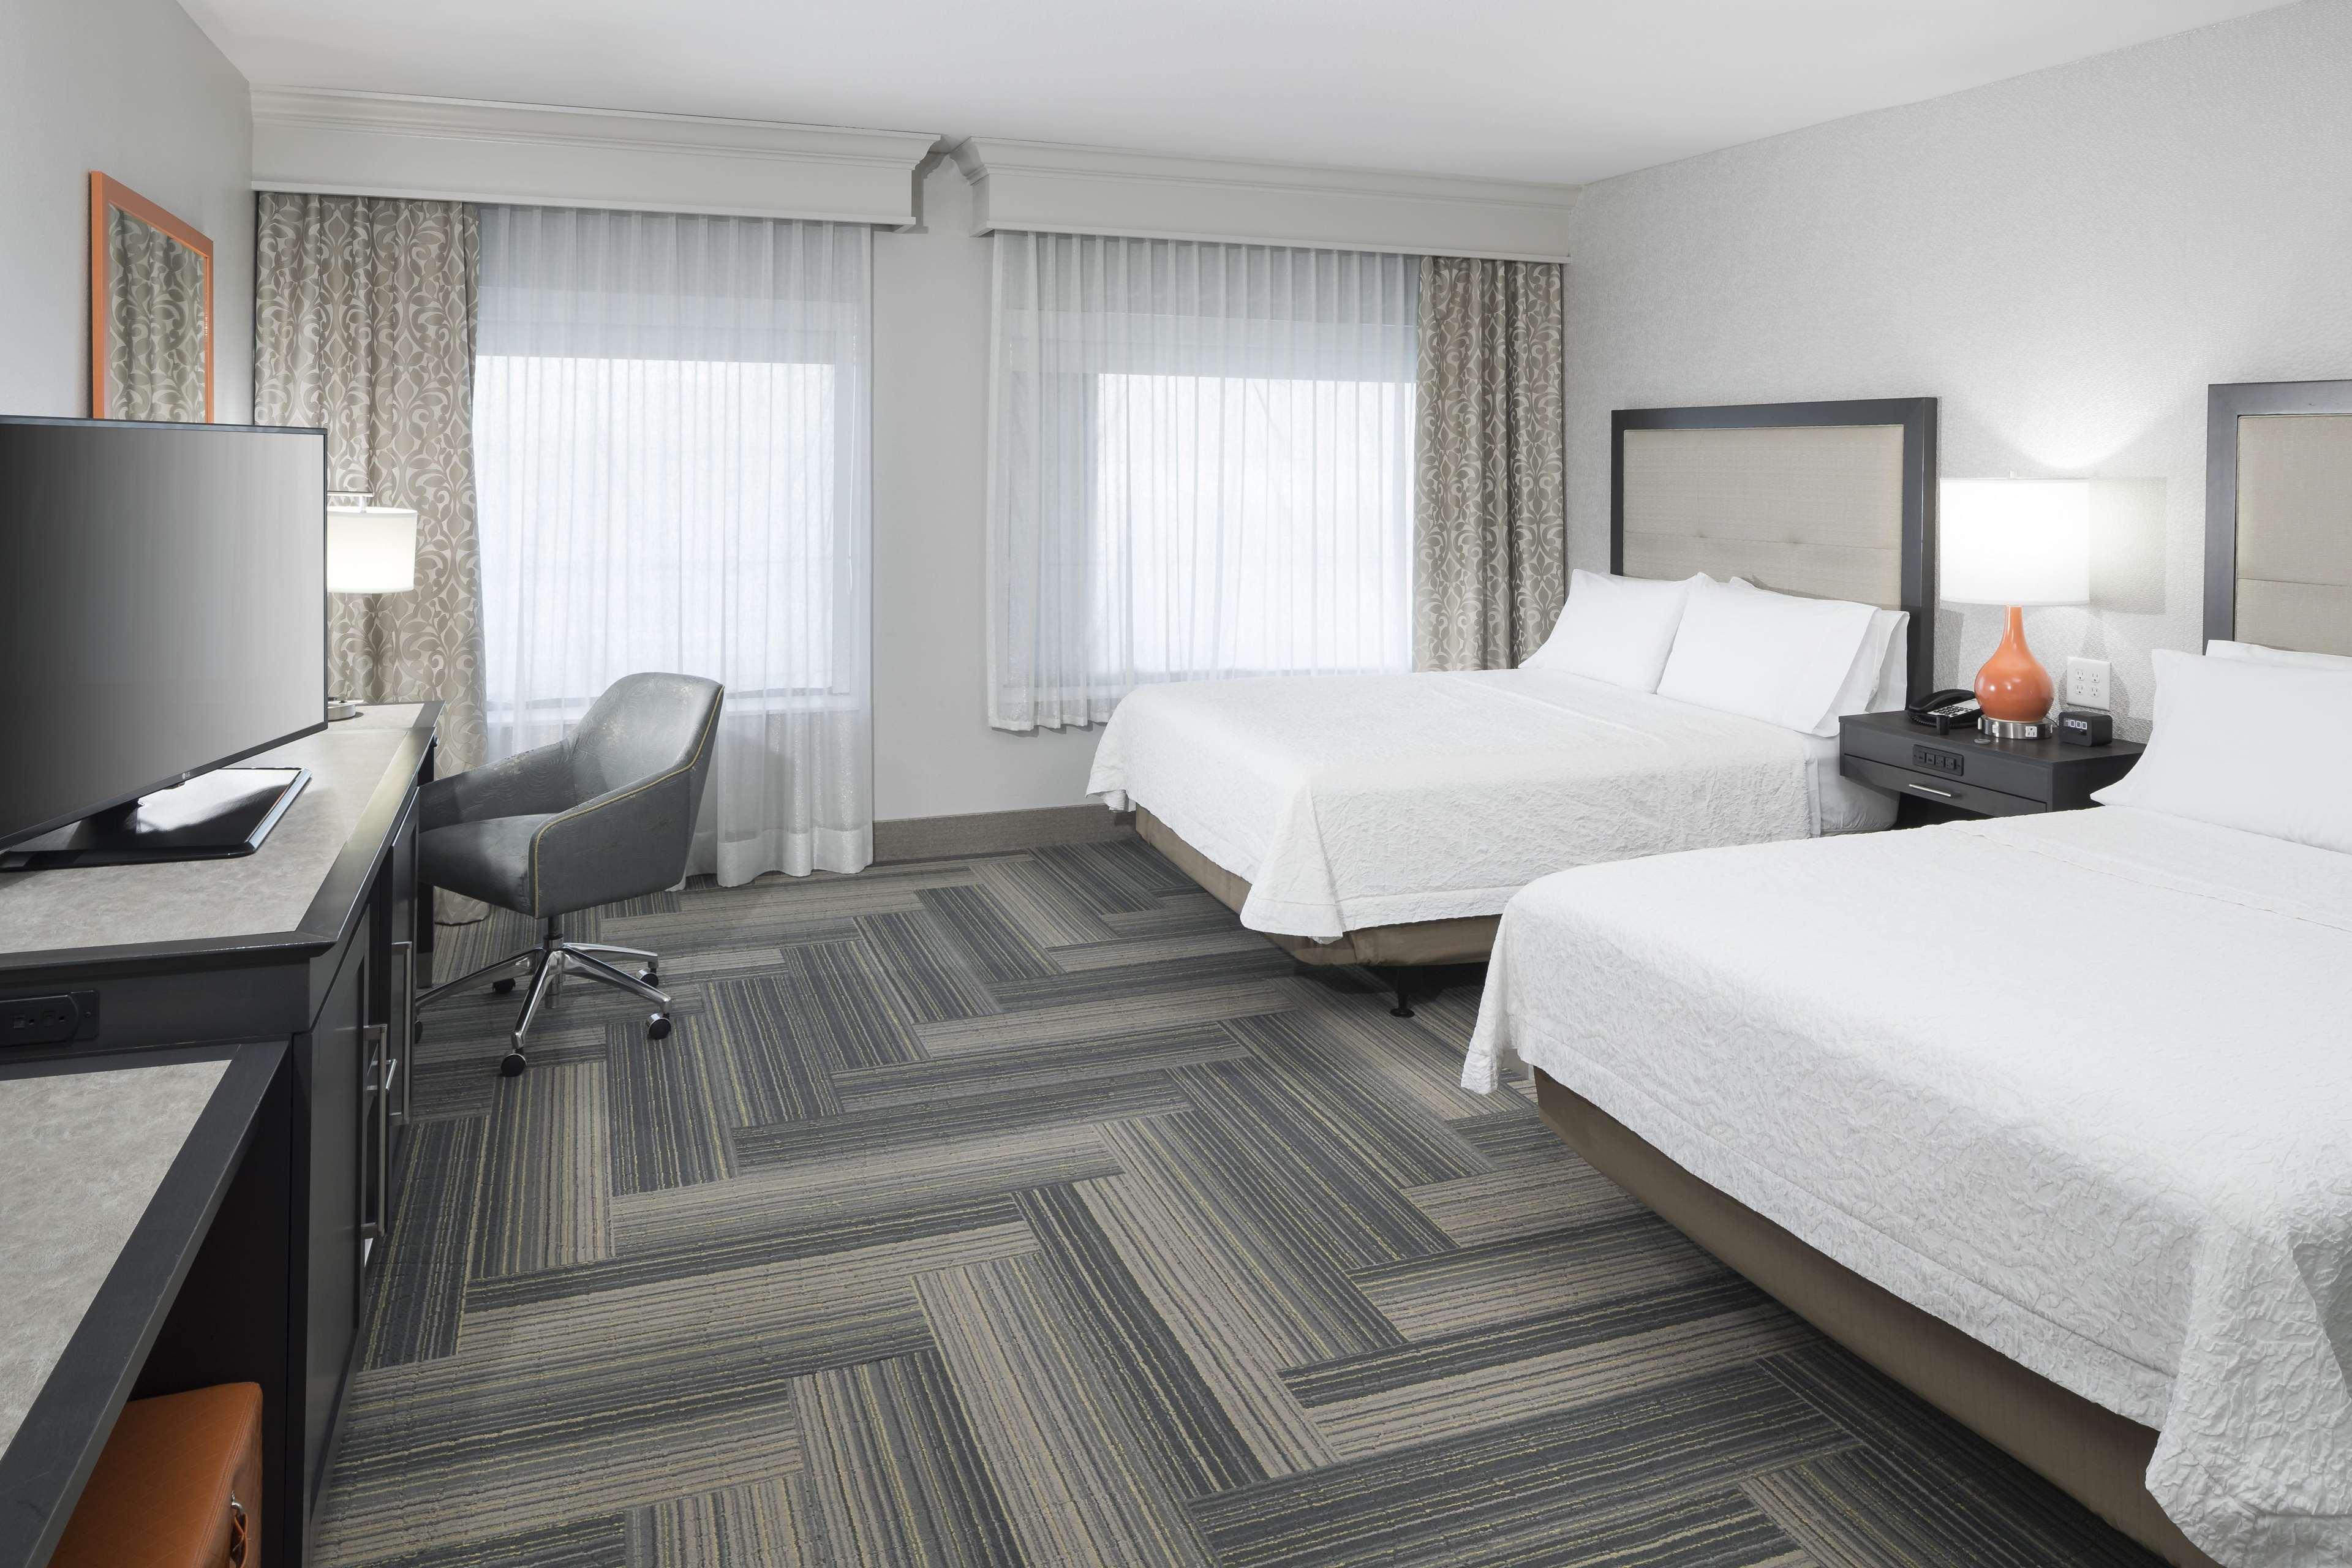 Hampton Inn & Suites by Hilton Atlanta Perimeter Dunwoody image 25